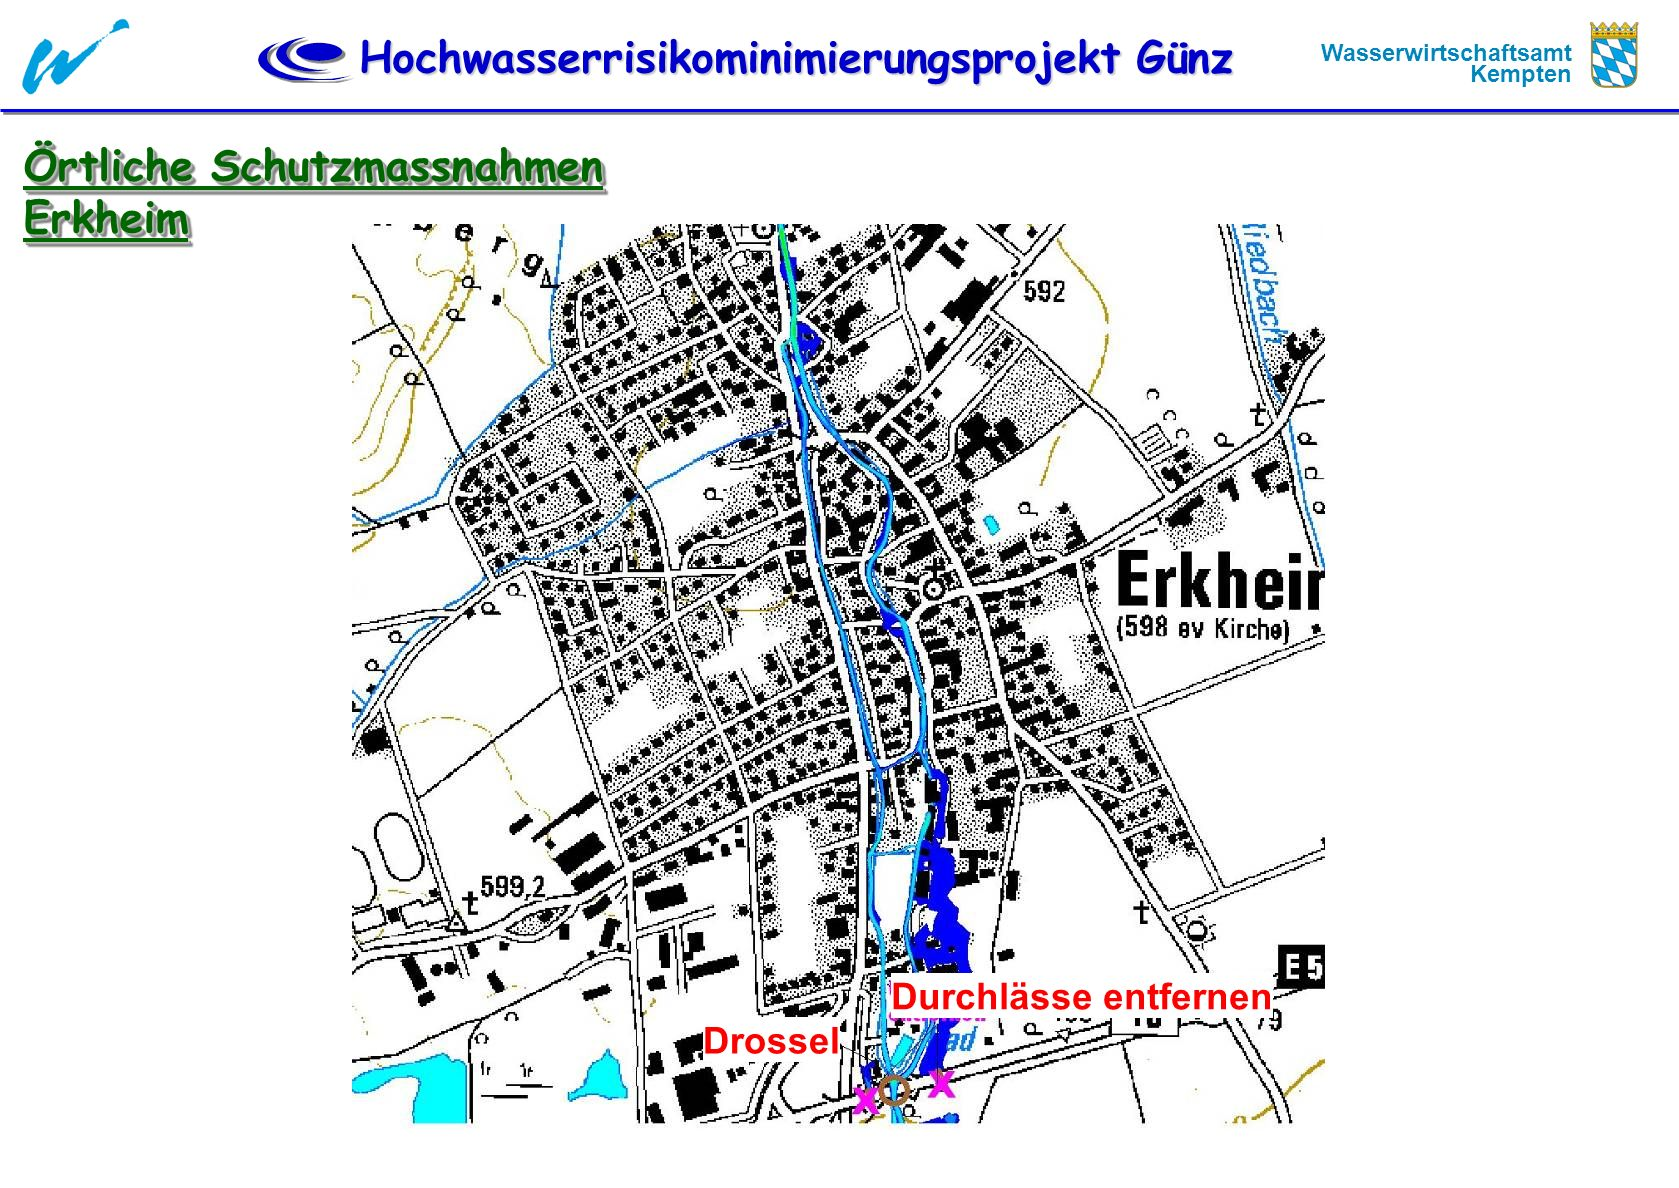 Örtliche Schutzmassnahmen Erkheim